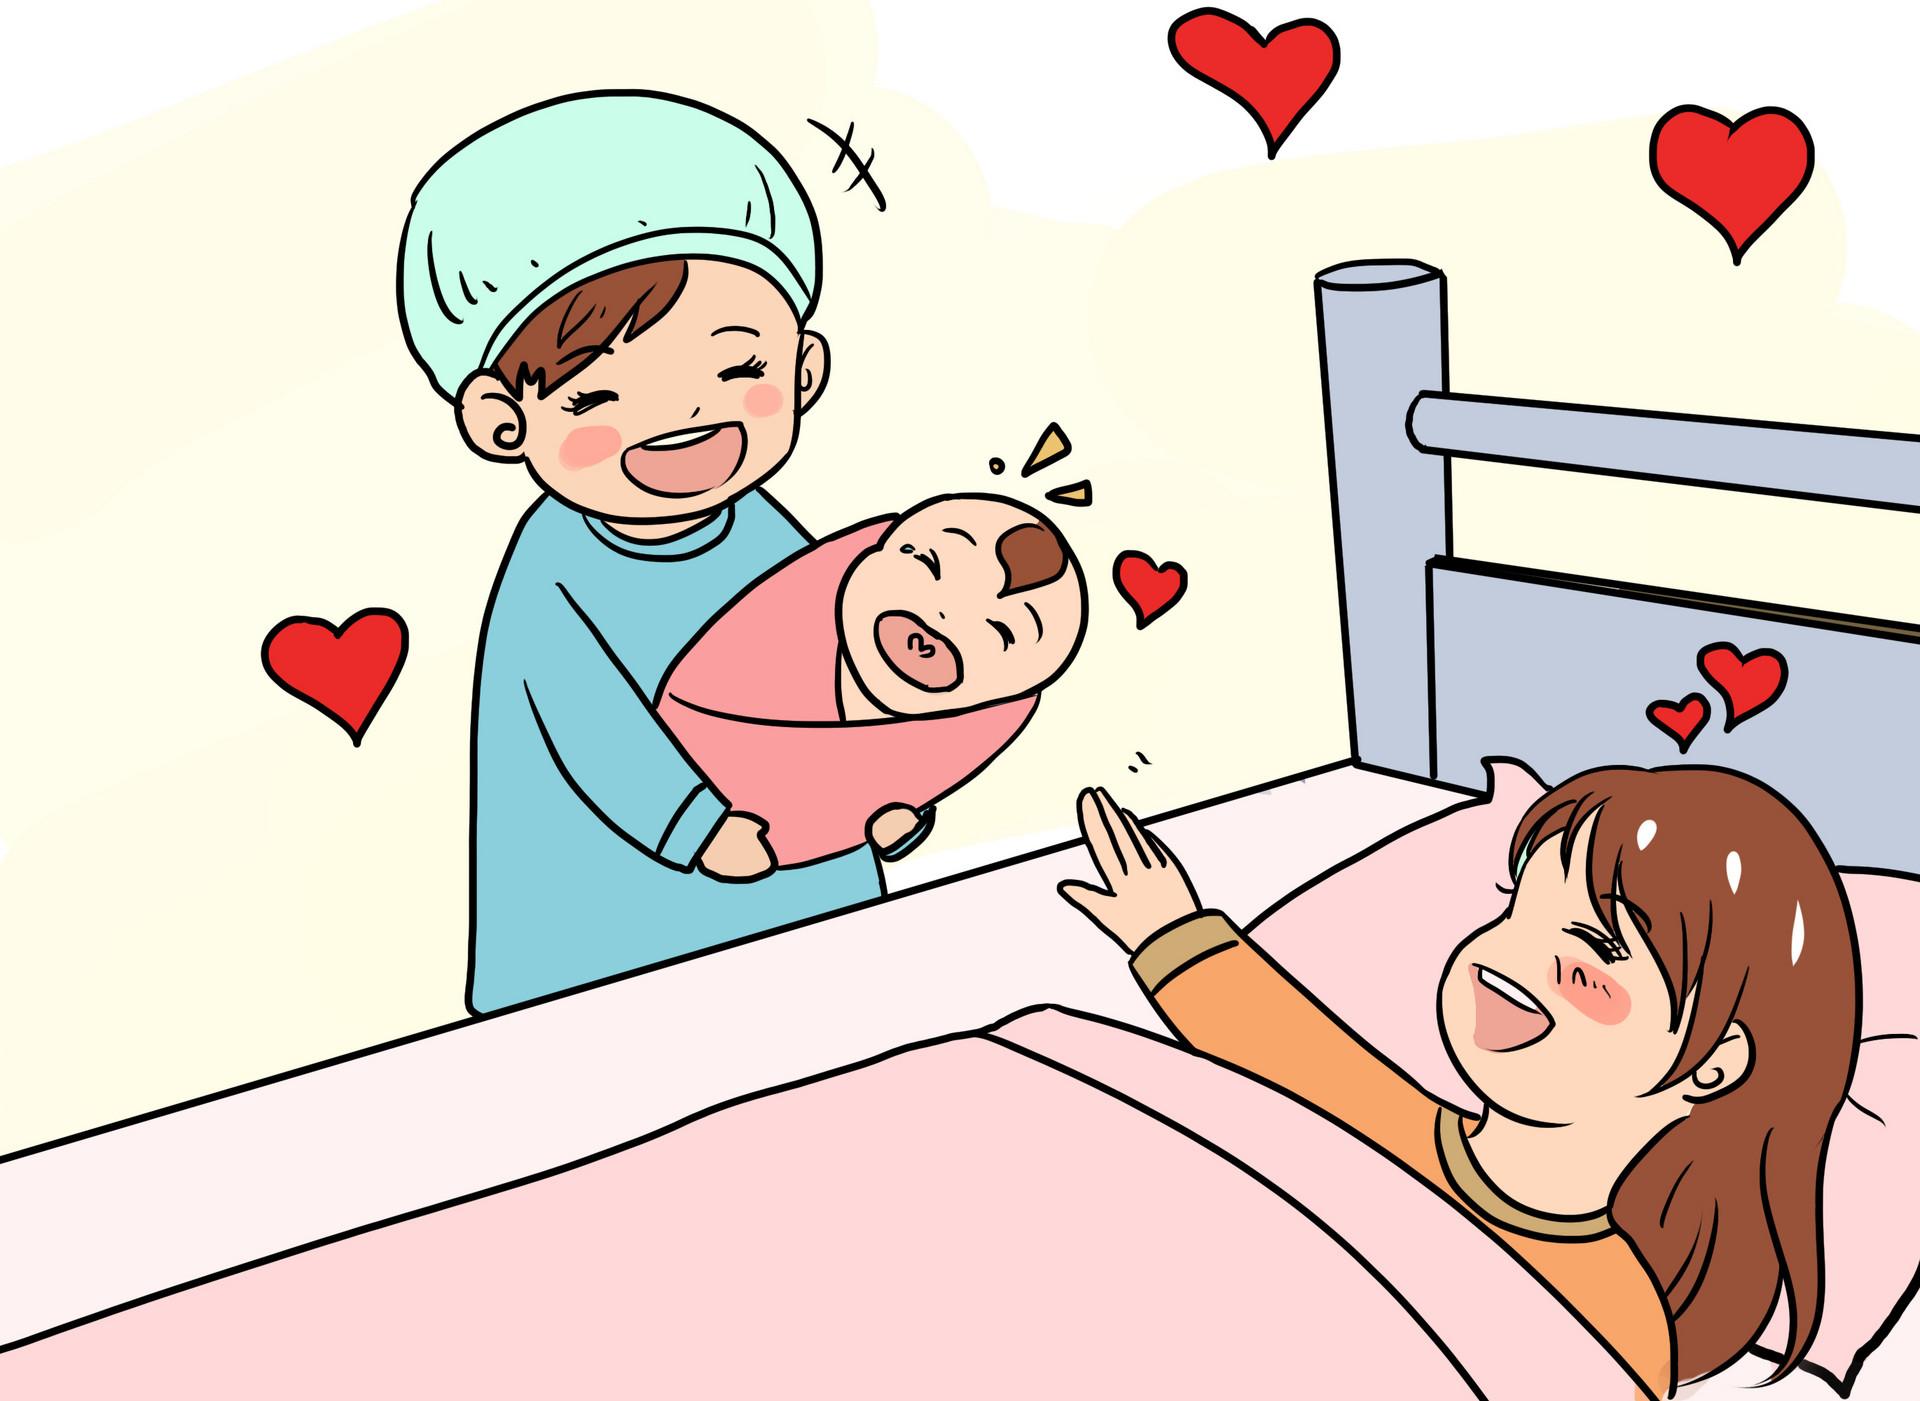 人口专家称放开生育越早越好